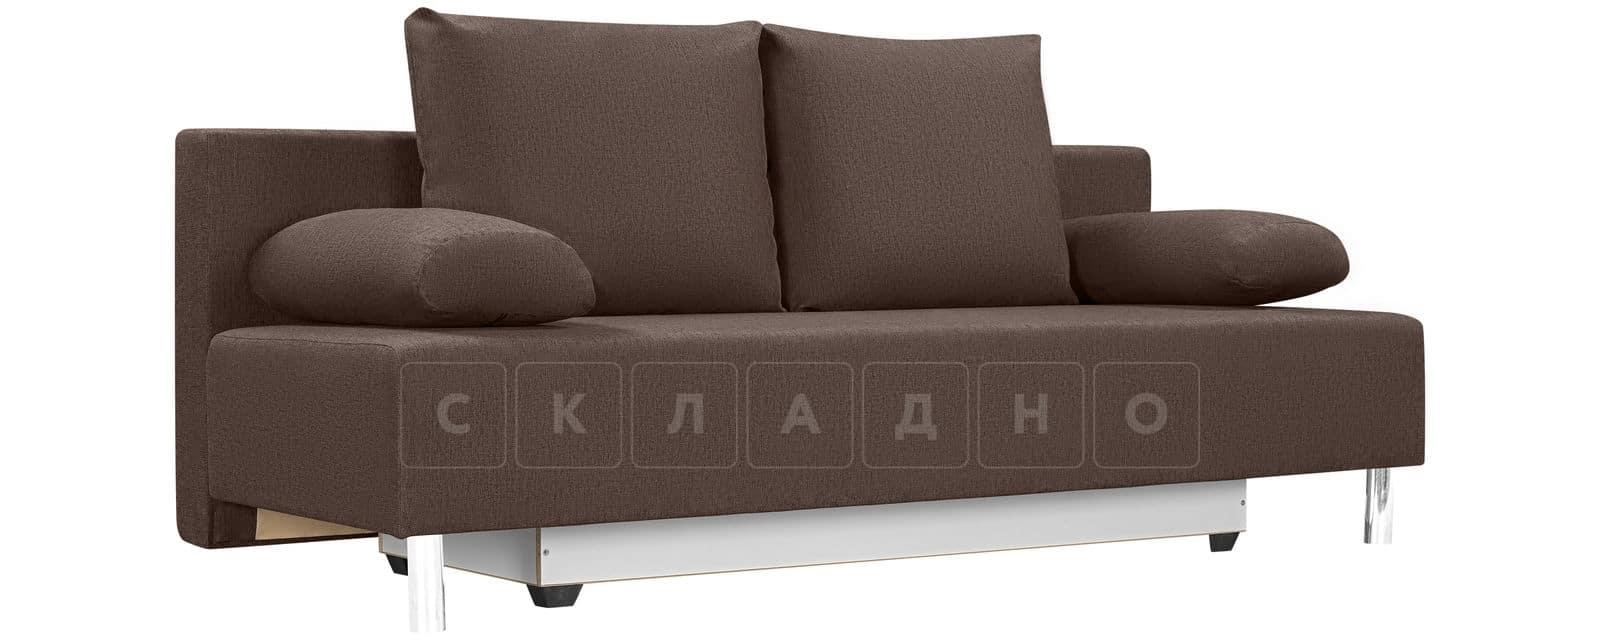 Диван Парма коричневого цвета рогожка фото 1 | интернет-магазин Складно